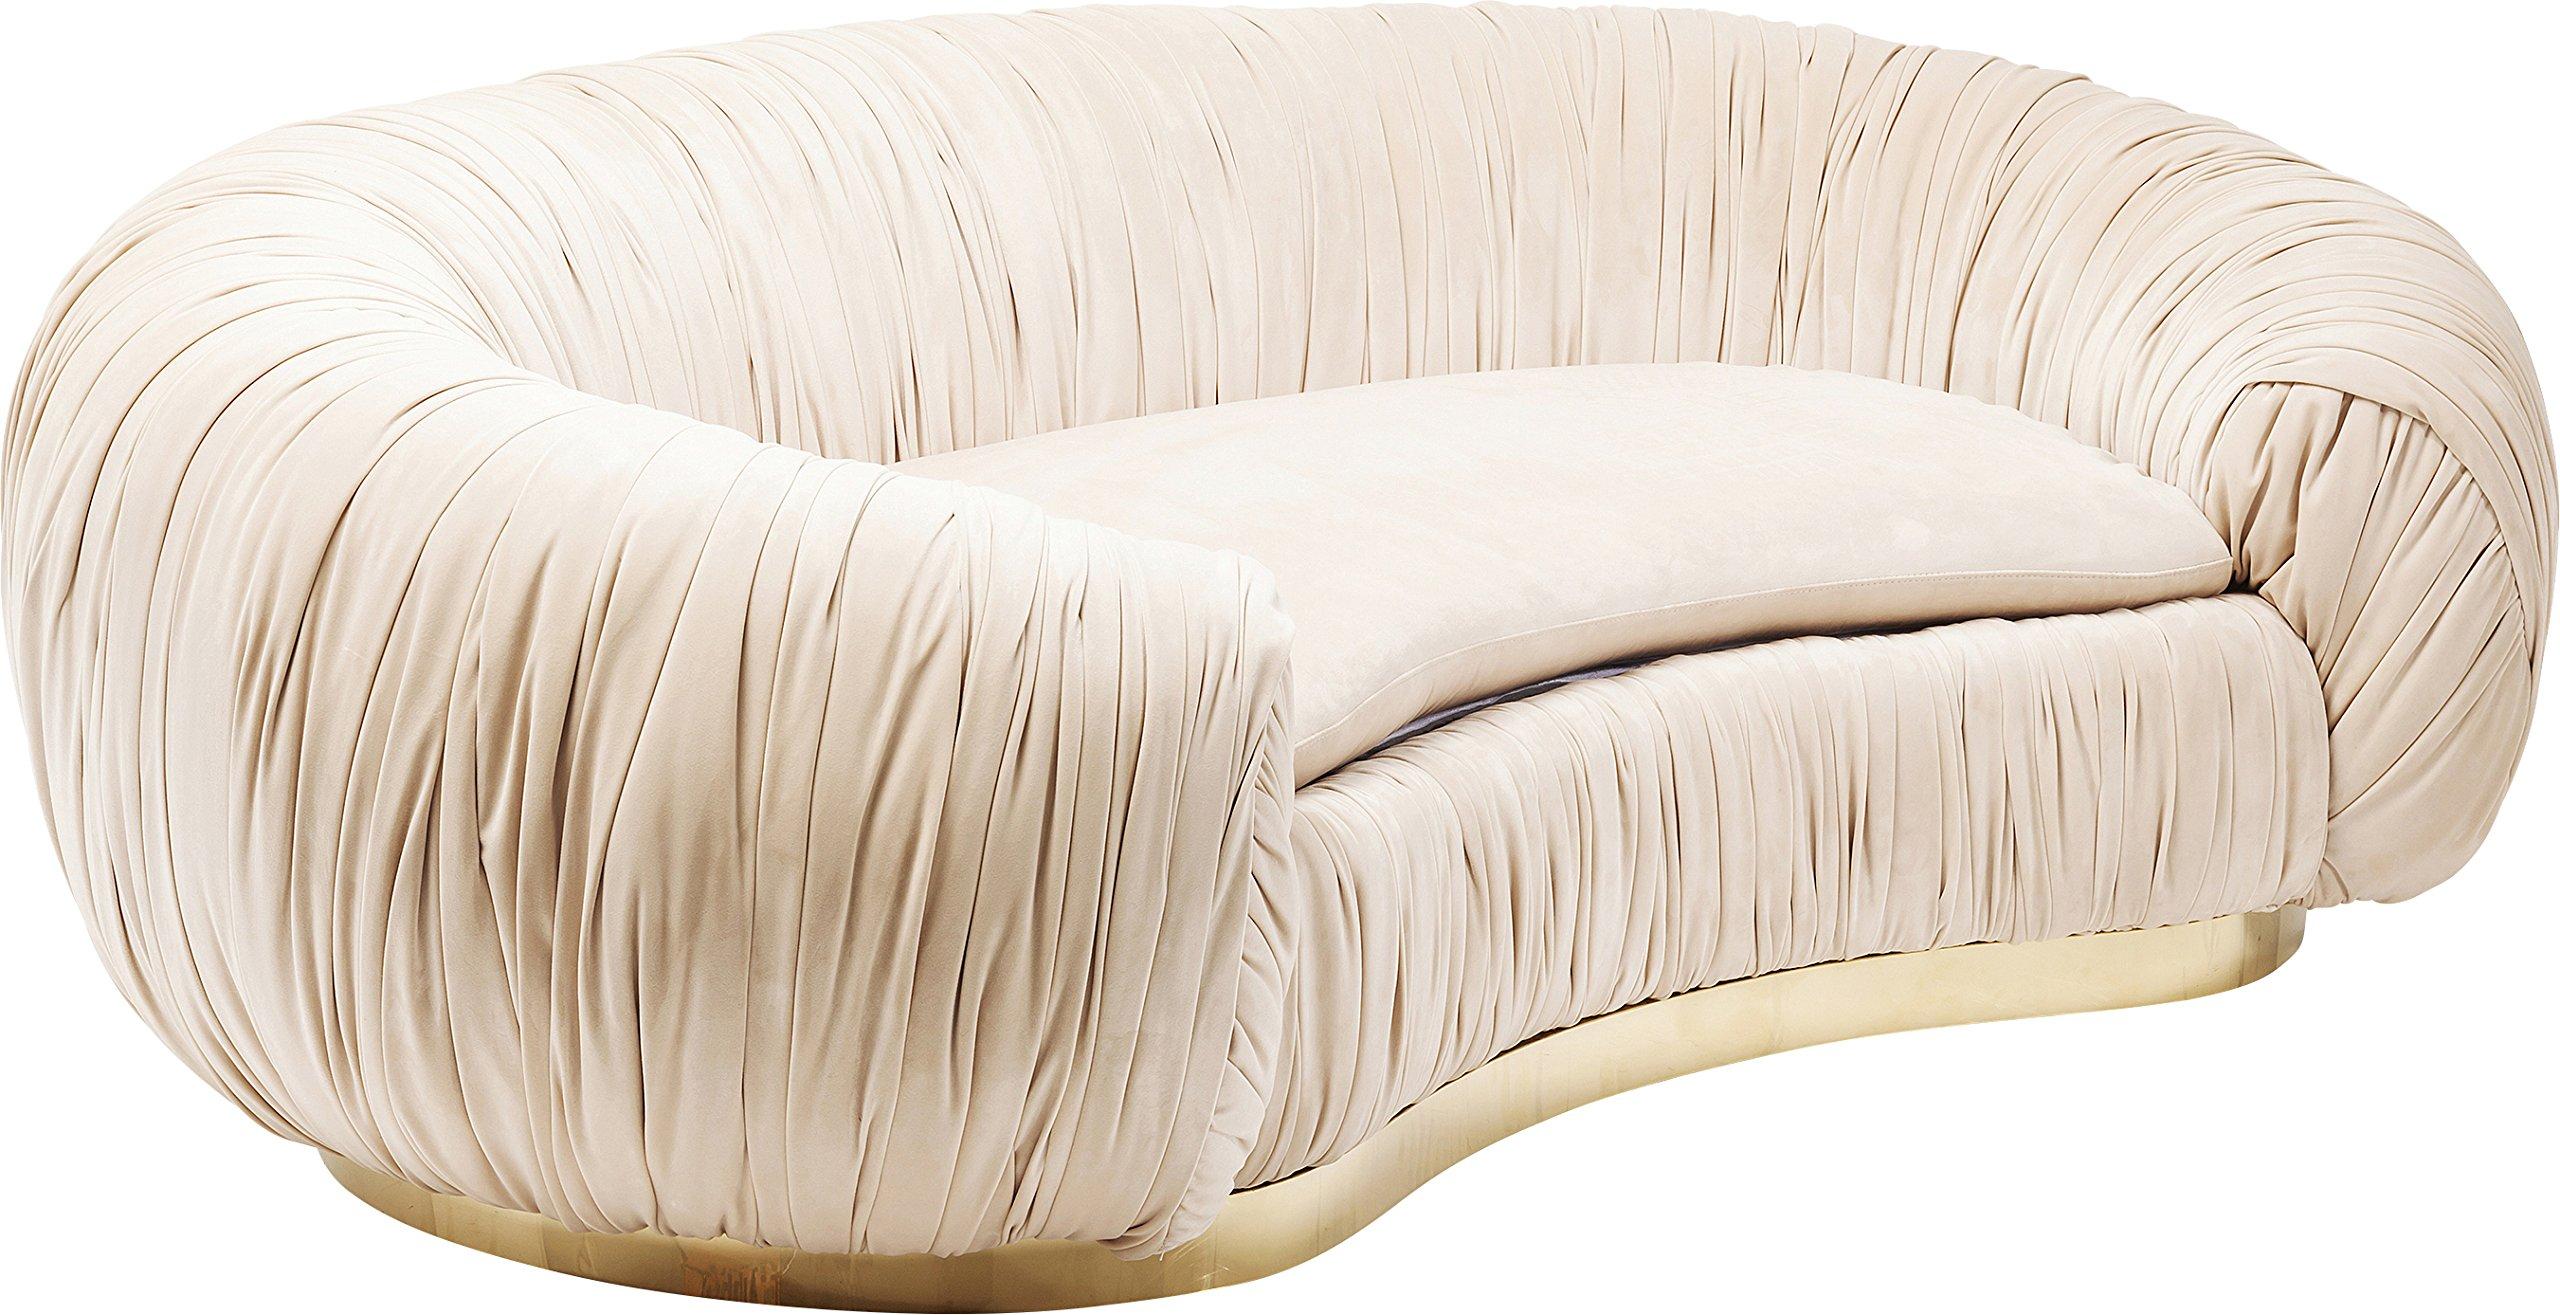 Full Size of Kare Sofa Proud Couch Gianni Furniture Design Bed Sales Leder Samt Infinity Sale List Dschinn Big L Form 2 5 Sitzer Polsterreiniger Goodlife Kunstleder Weiß 3 Sofa Kare Sofa